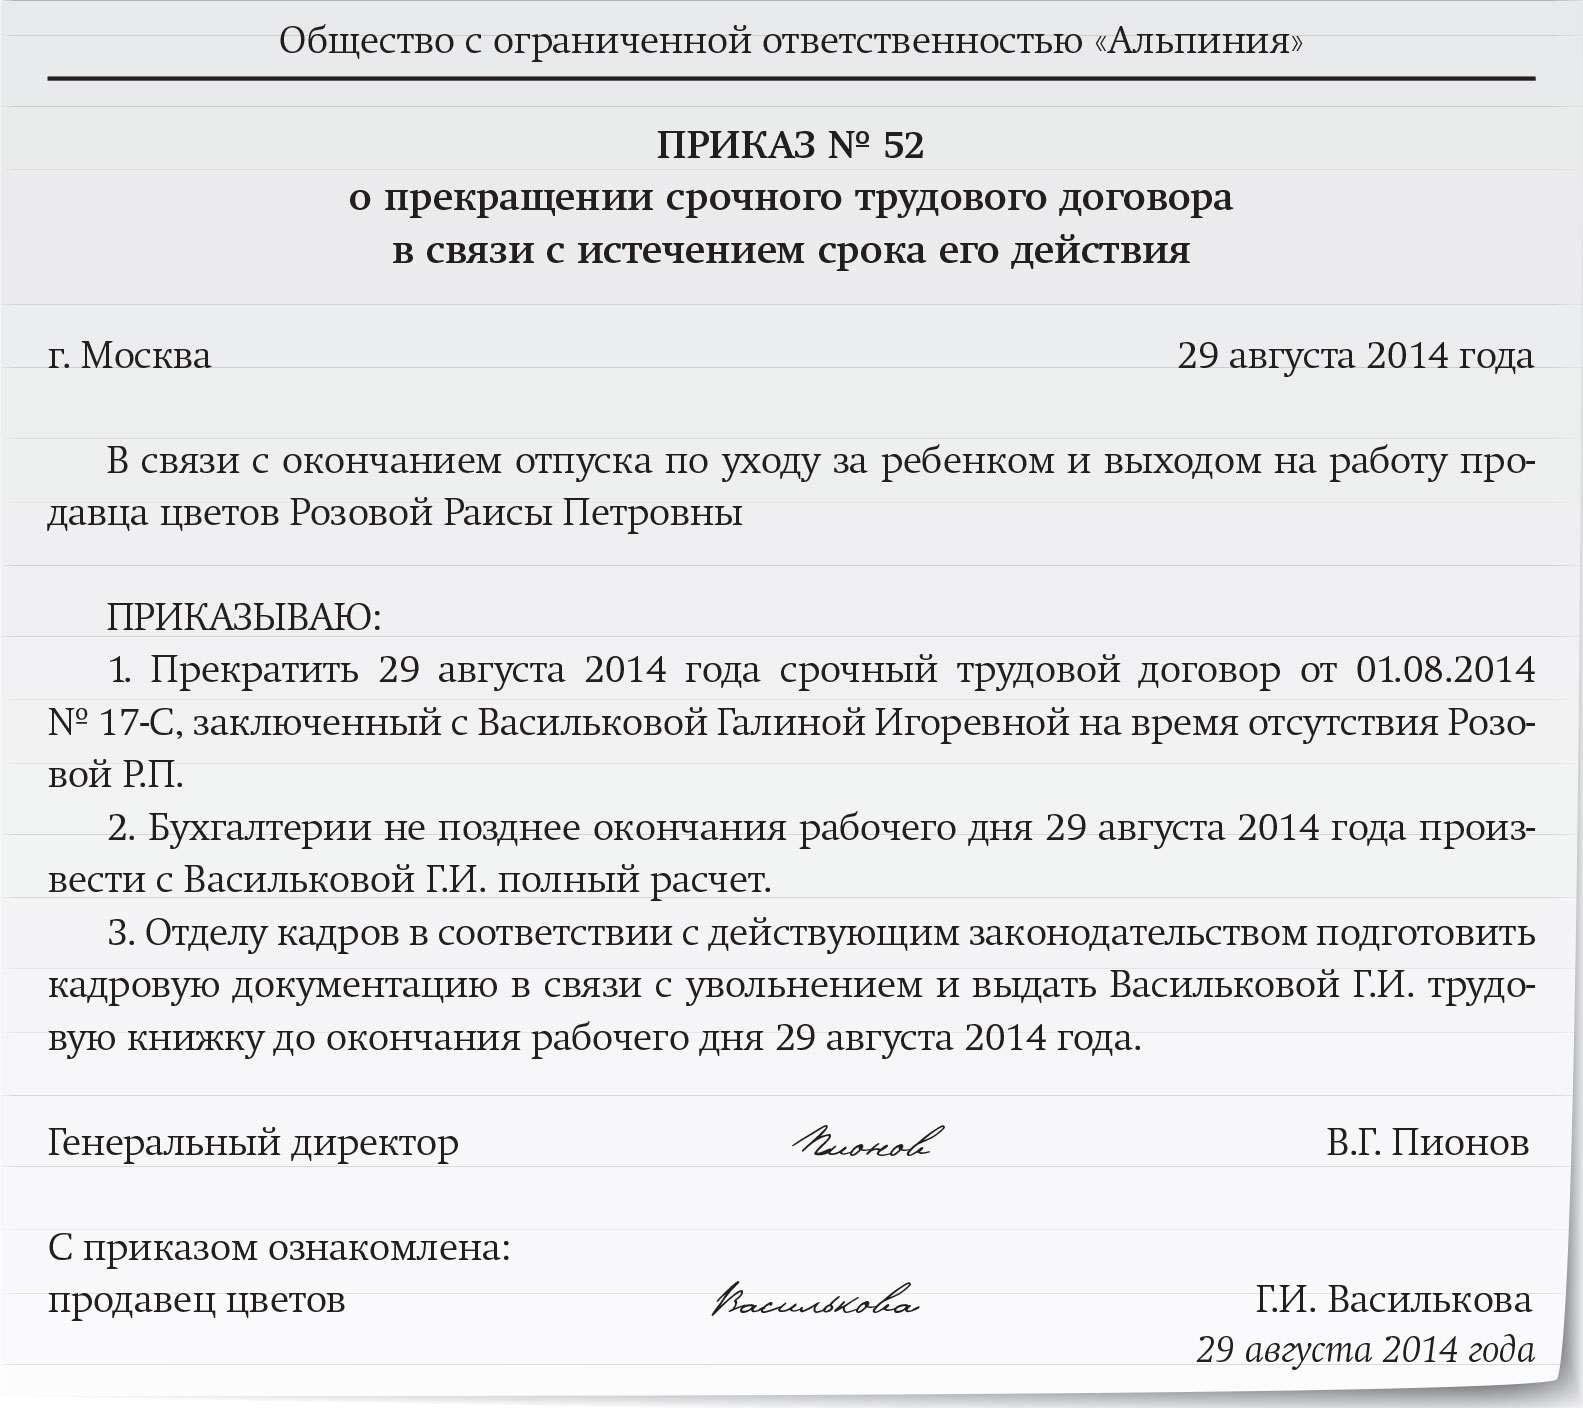 Срочный трудовой договор может заключаться по инициативе трудовой договор для фмс в москве Якиманская набережная